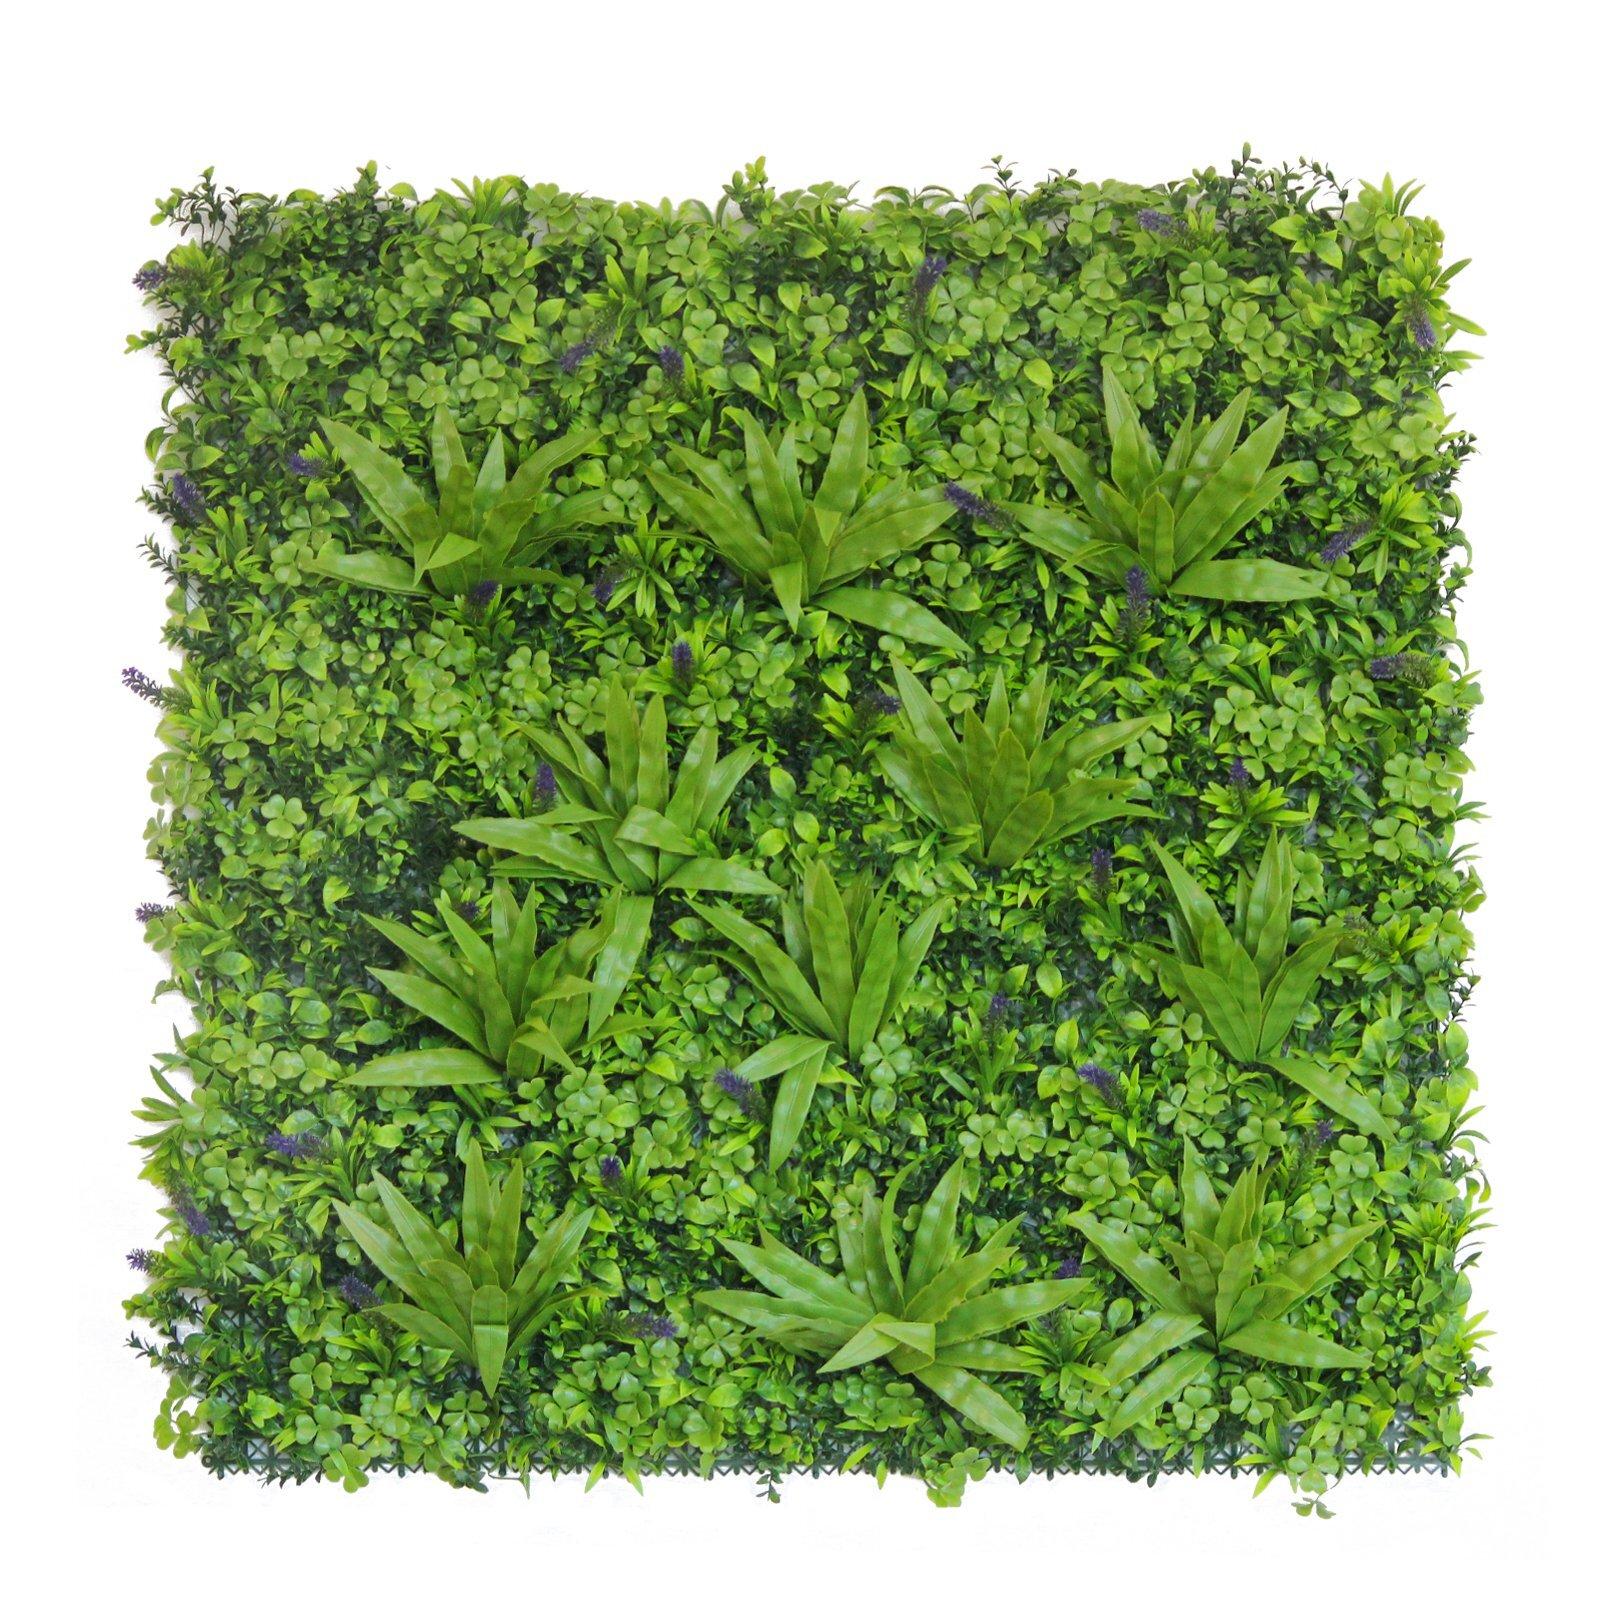 UN-REAL 100 x 100cm Luxury Artificial Hedge Tile - Tropical Lavender